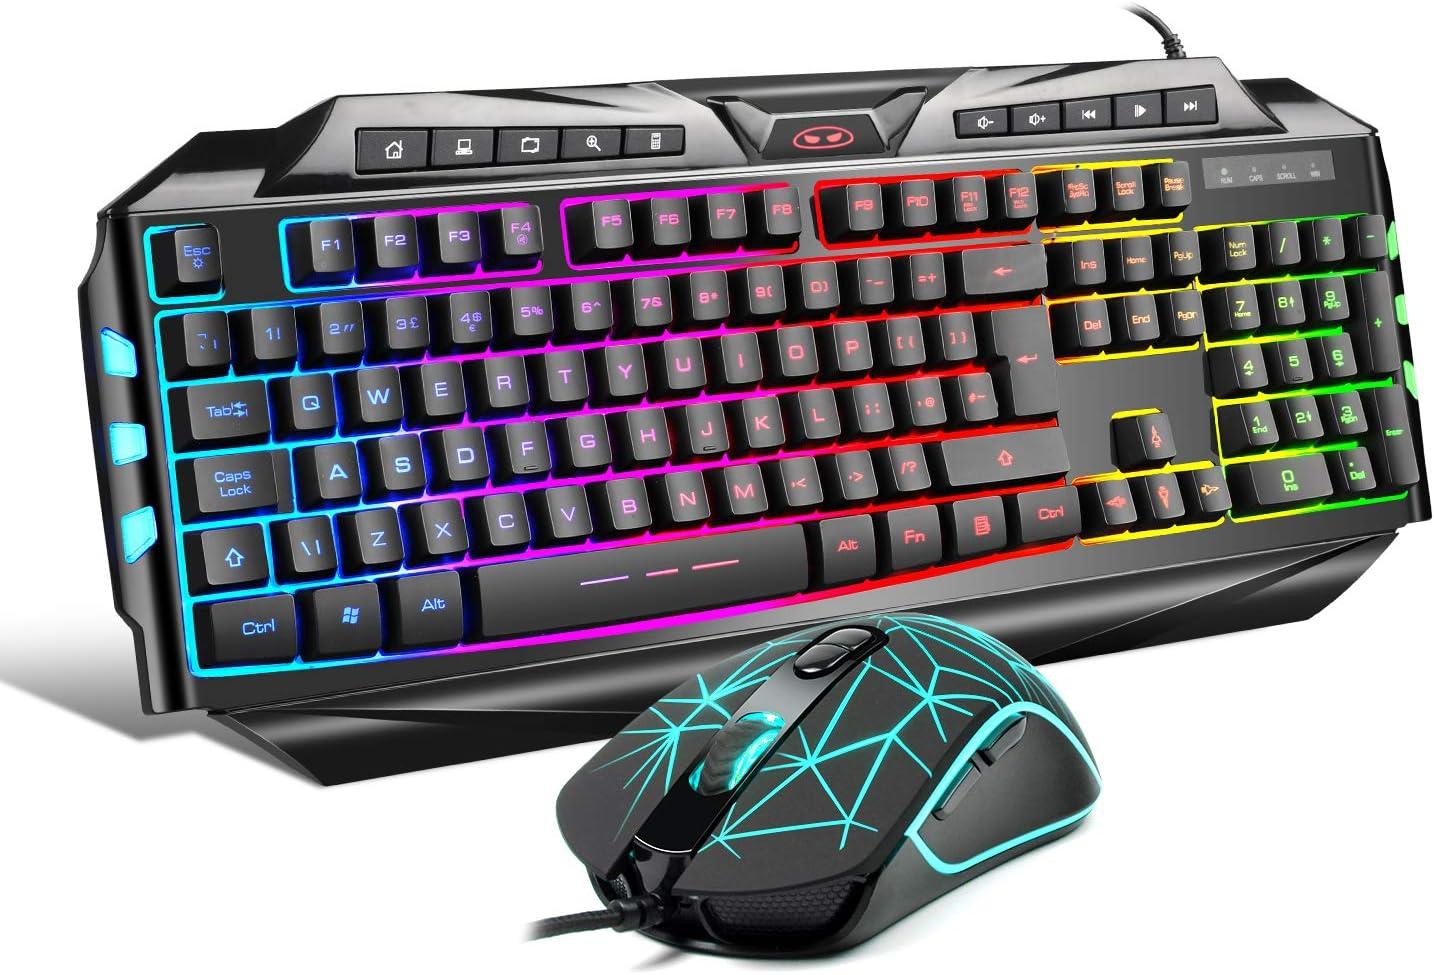 Juego de ratón para teclado de juegos GK710 Rainbow LED retroiluminado con cable y ratón, juego para xbox one USB PS4